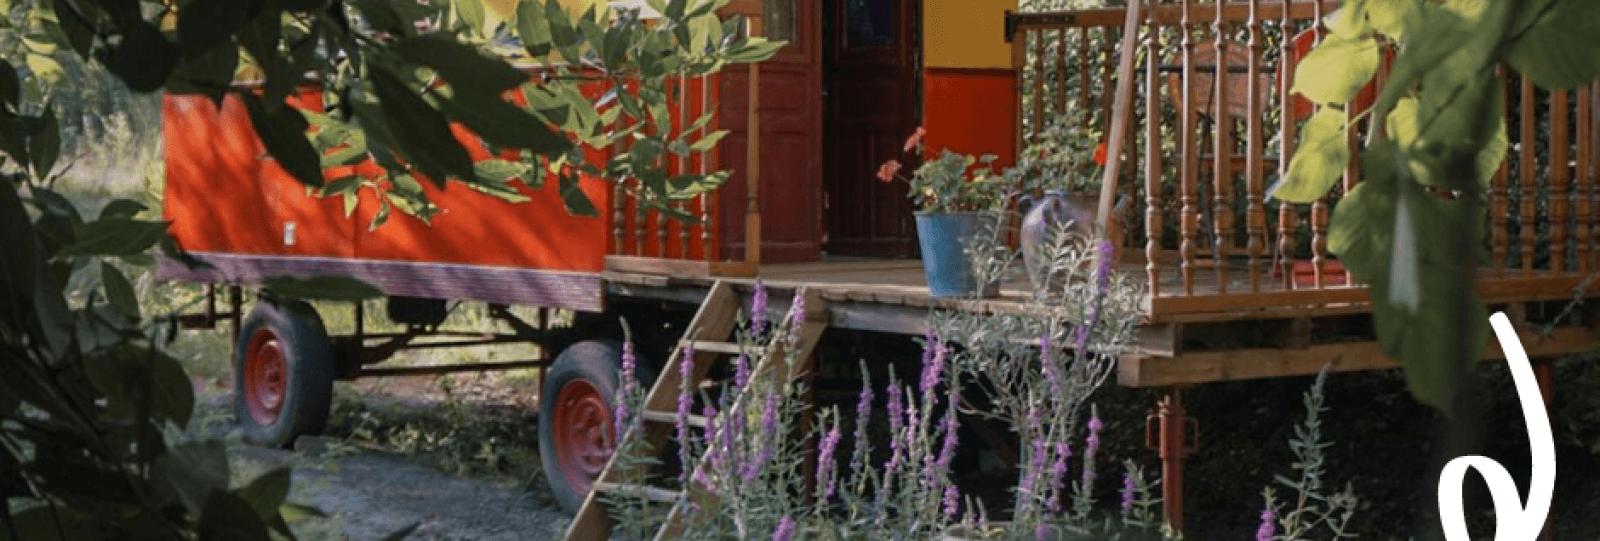 roulotte scoot nomad tourisme en drome